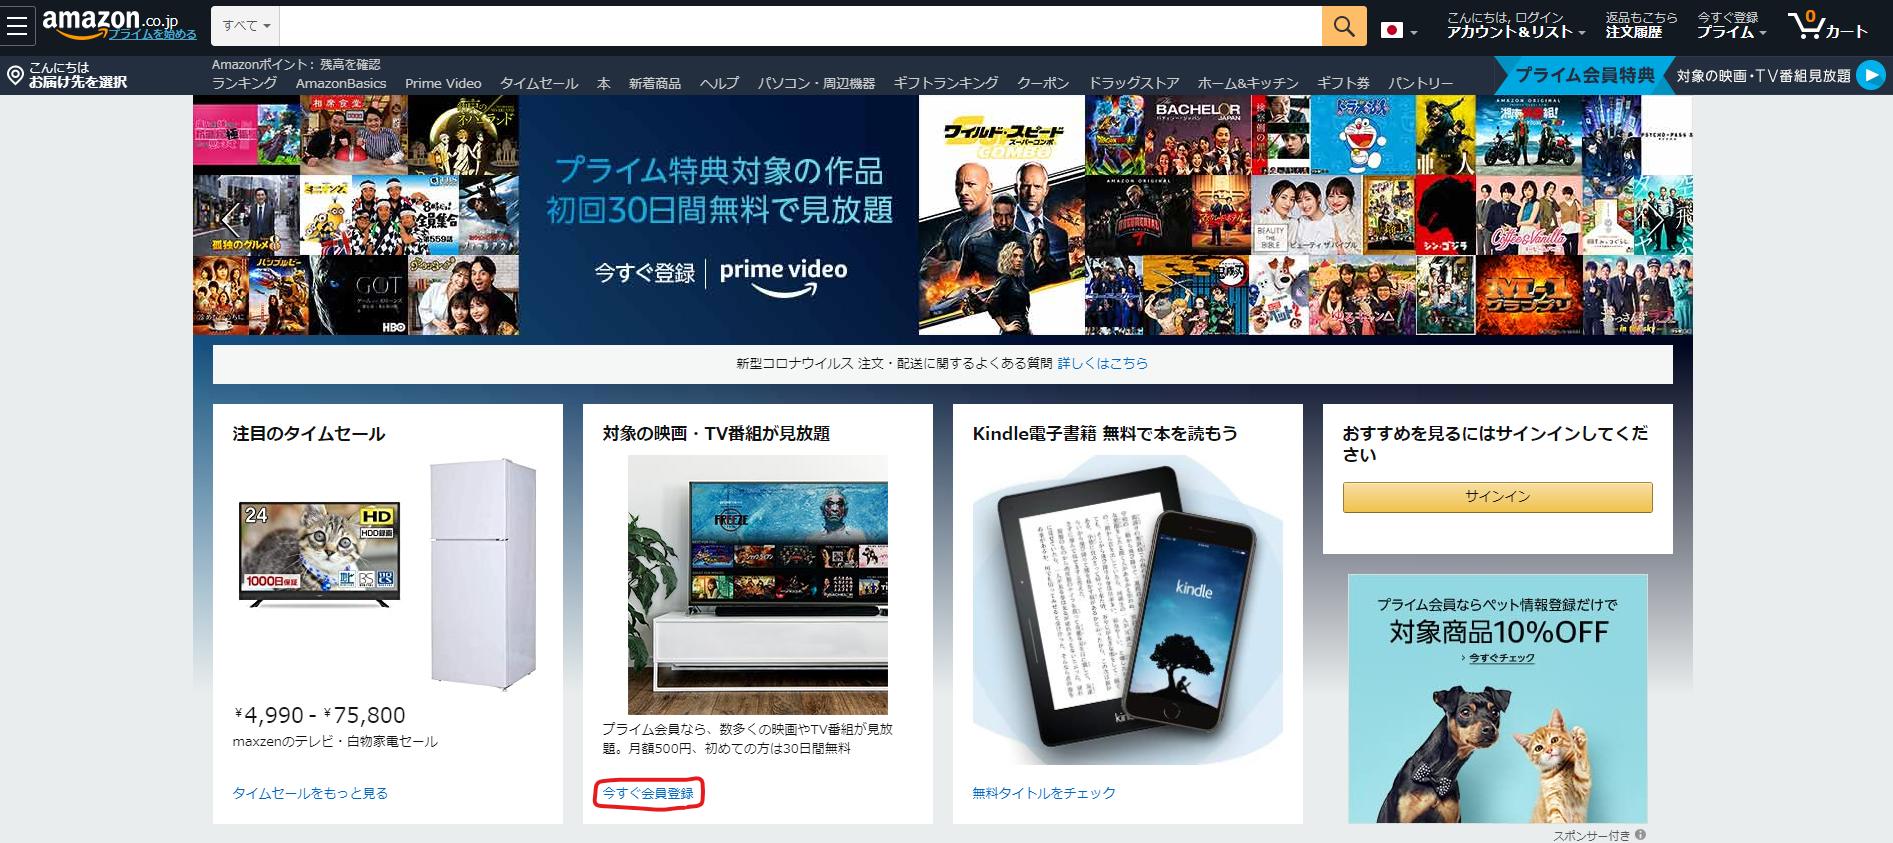 「アマゾン」トップ画面